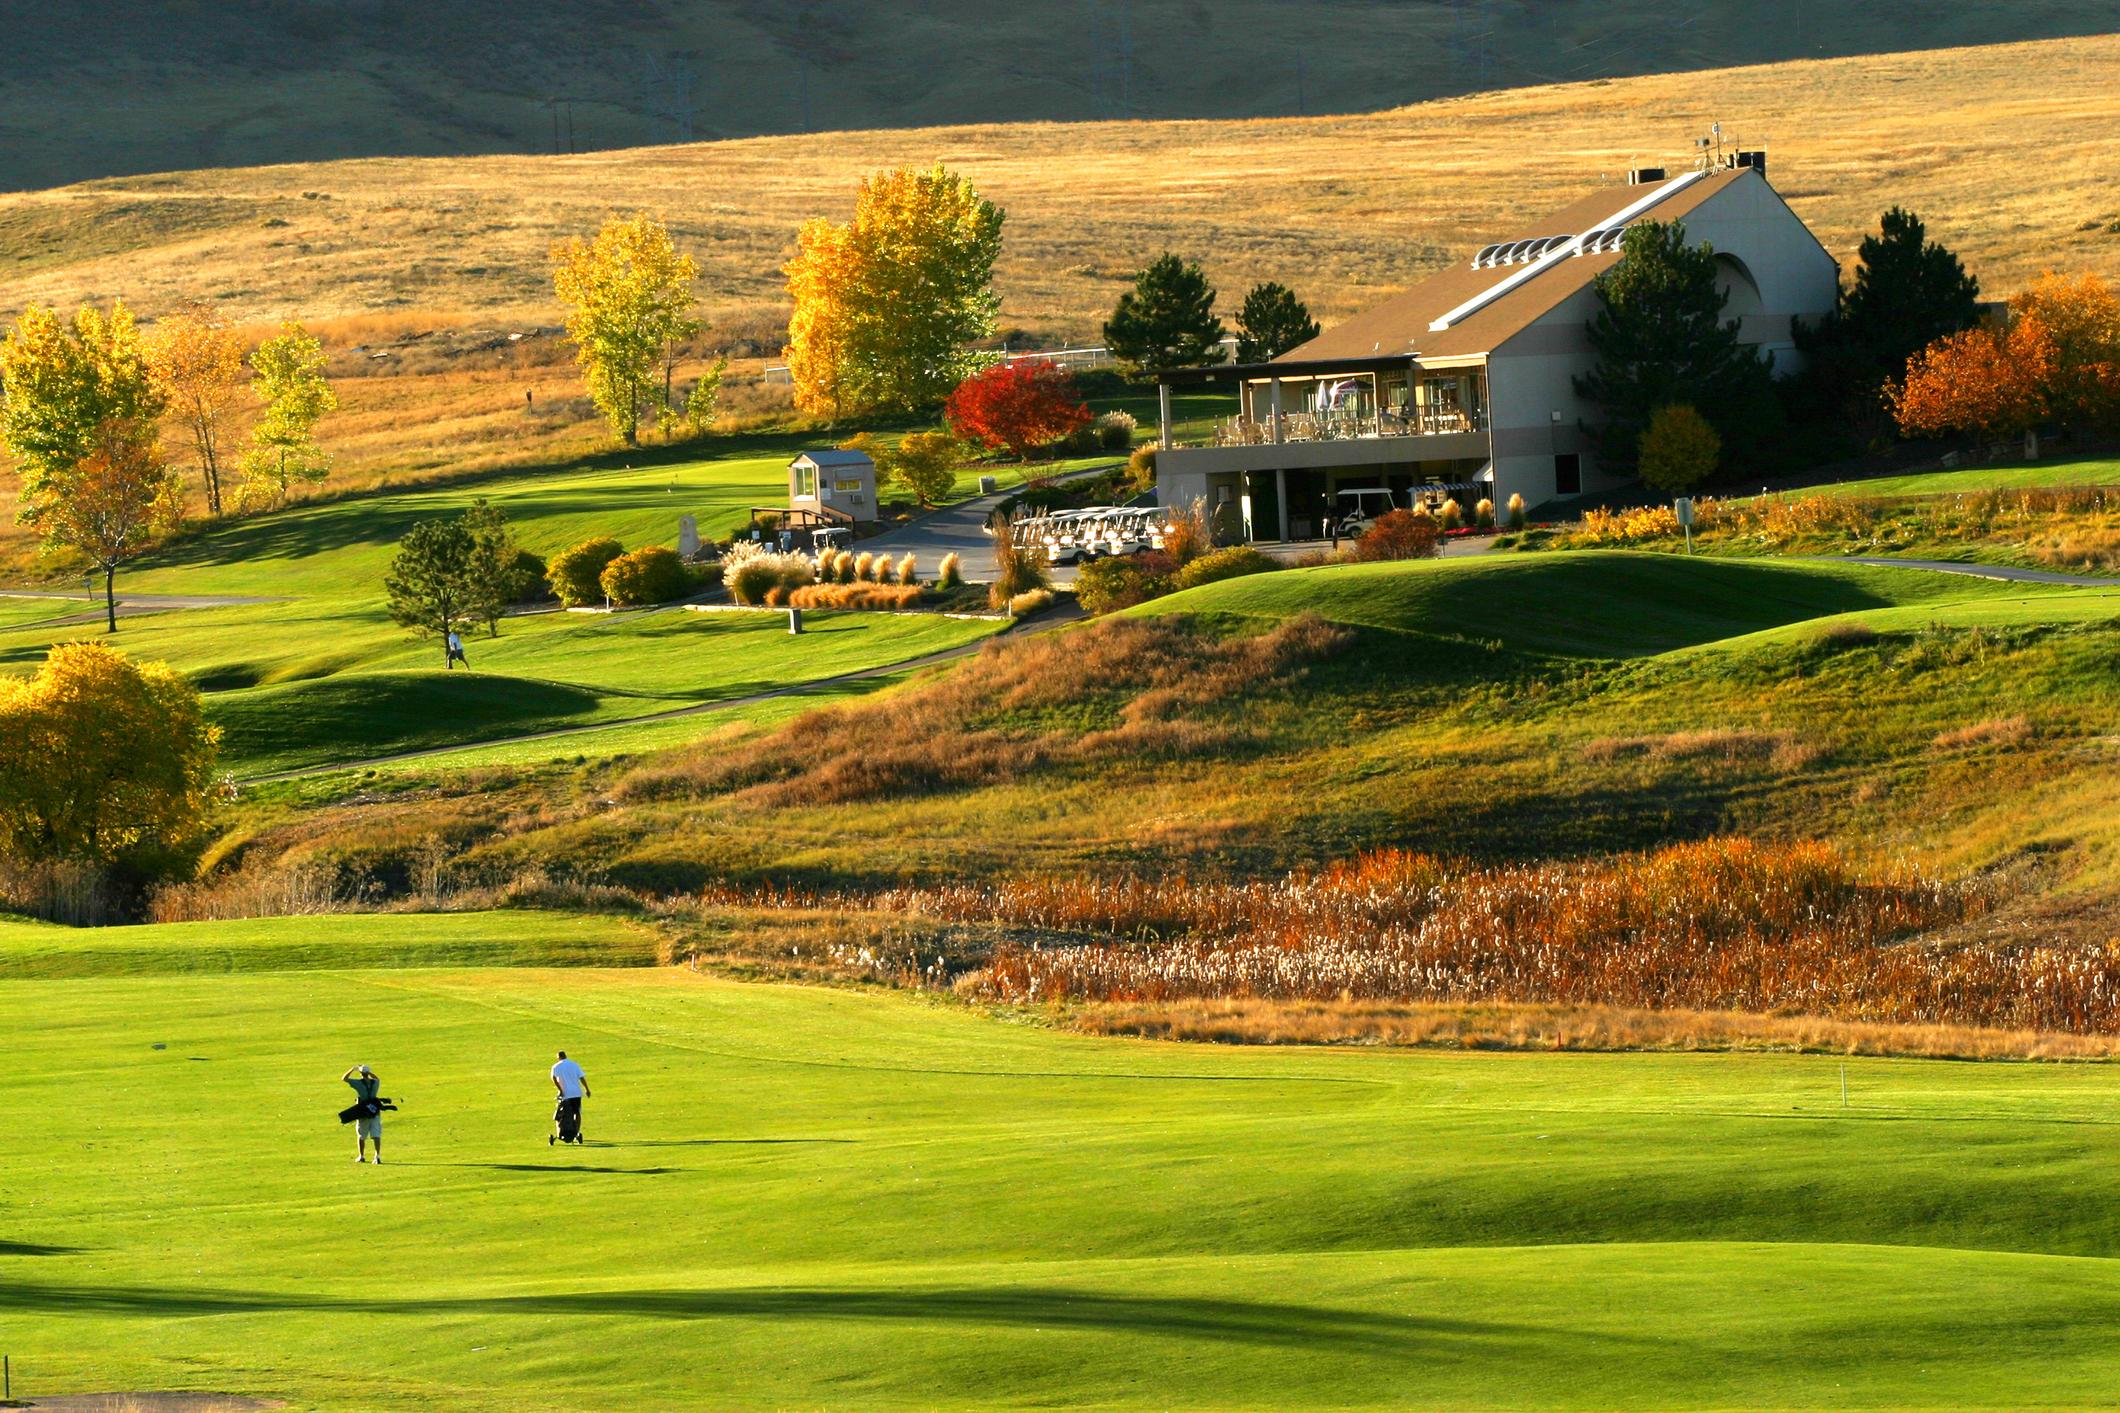 Meadows Golf Club Foothills Amp Meadows Golf